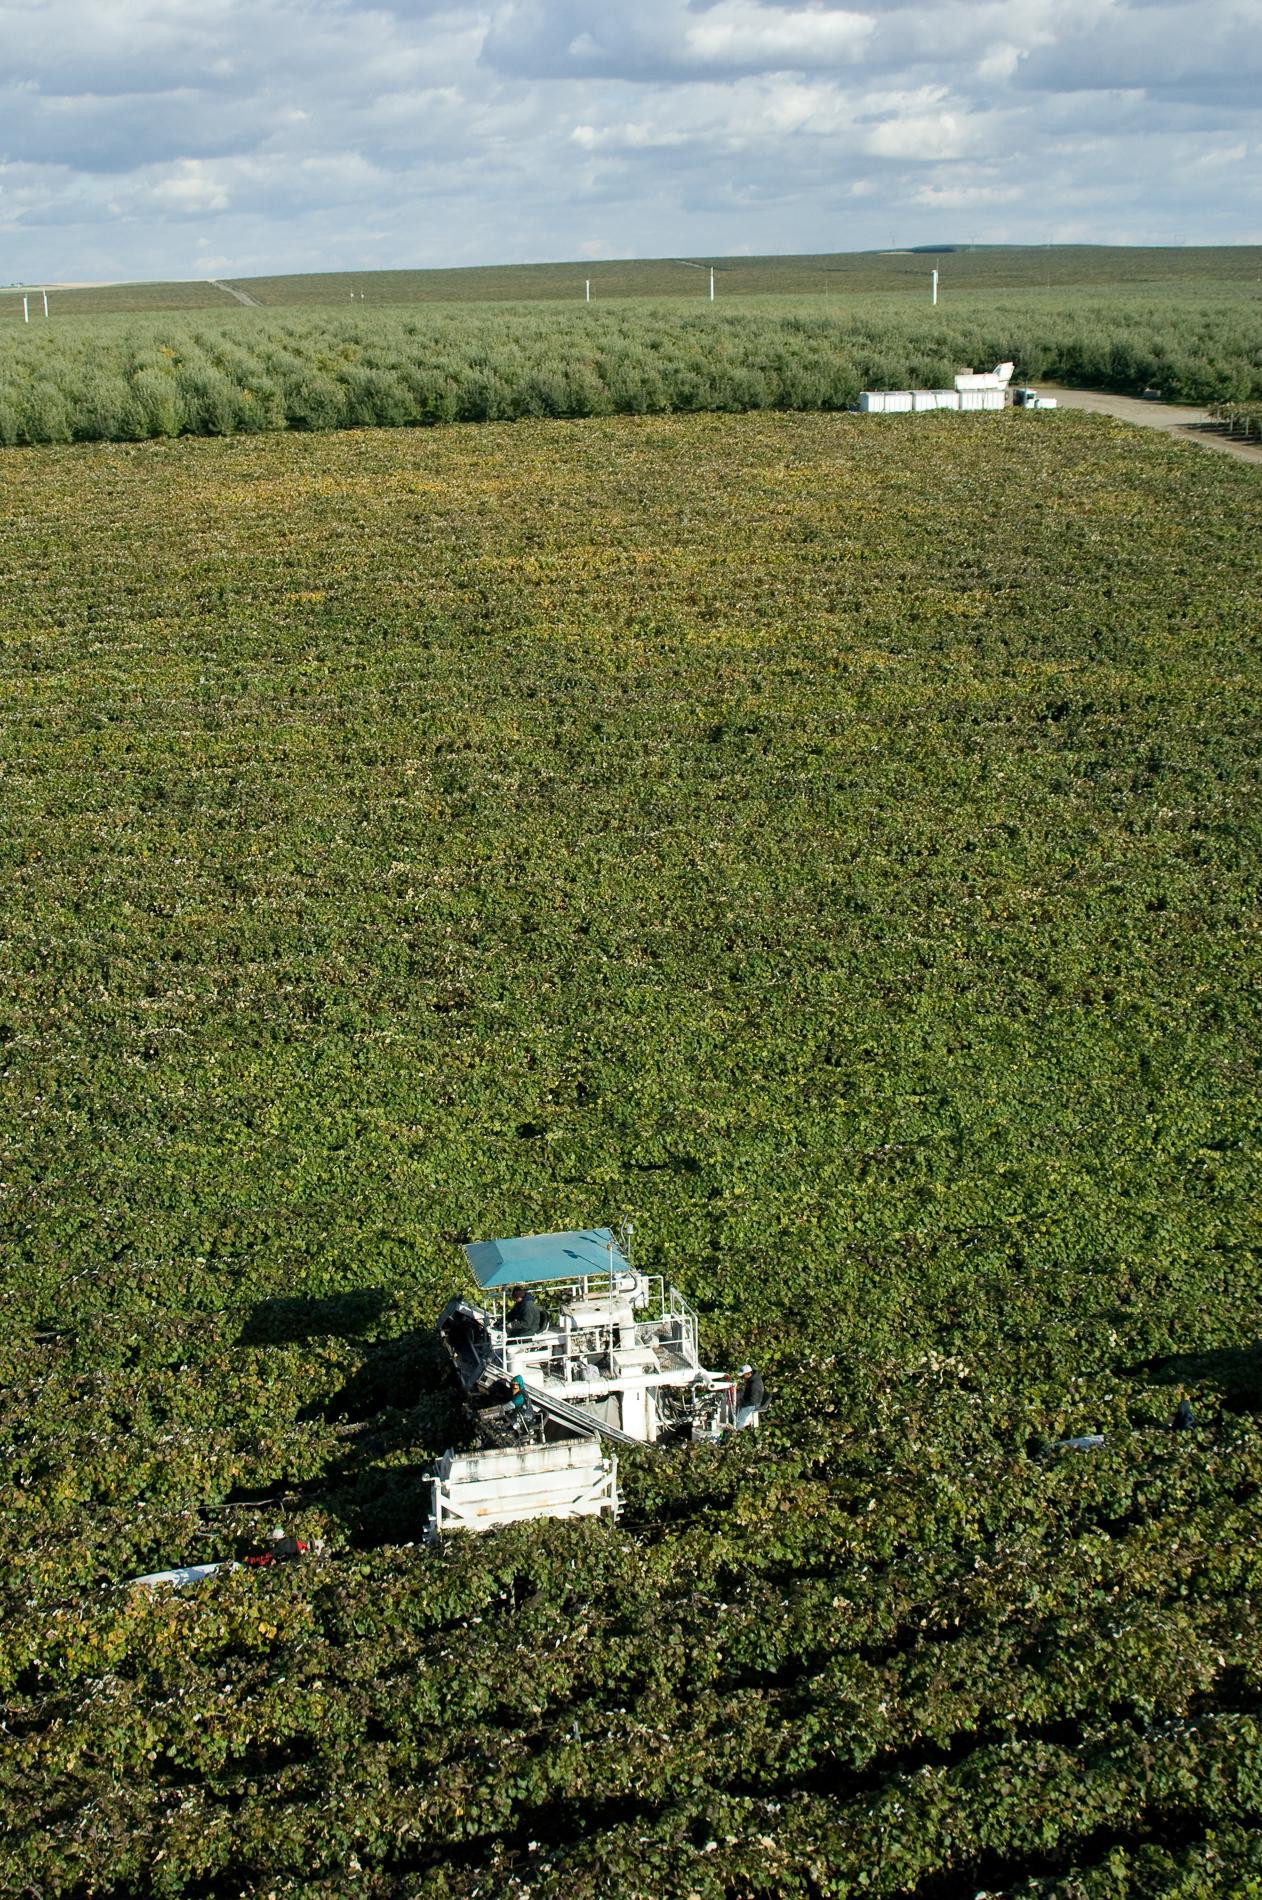 DSC_0370_harvest_aerial